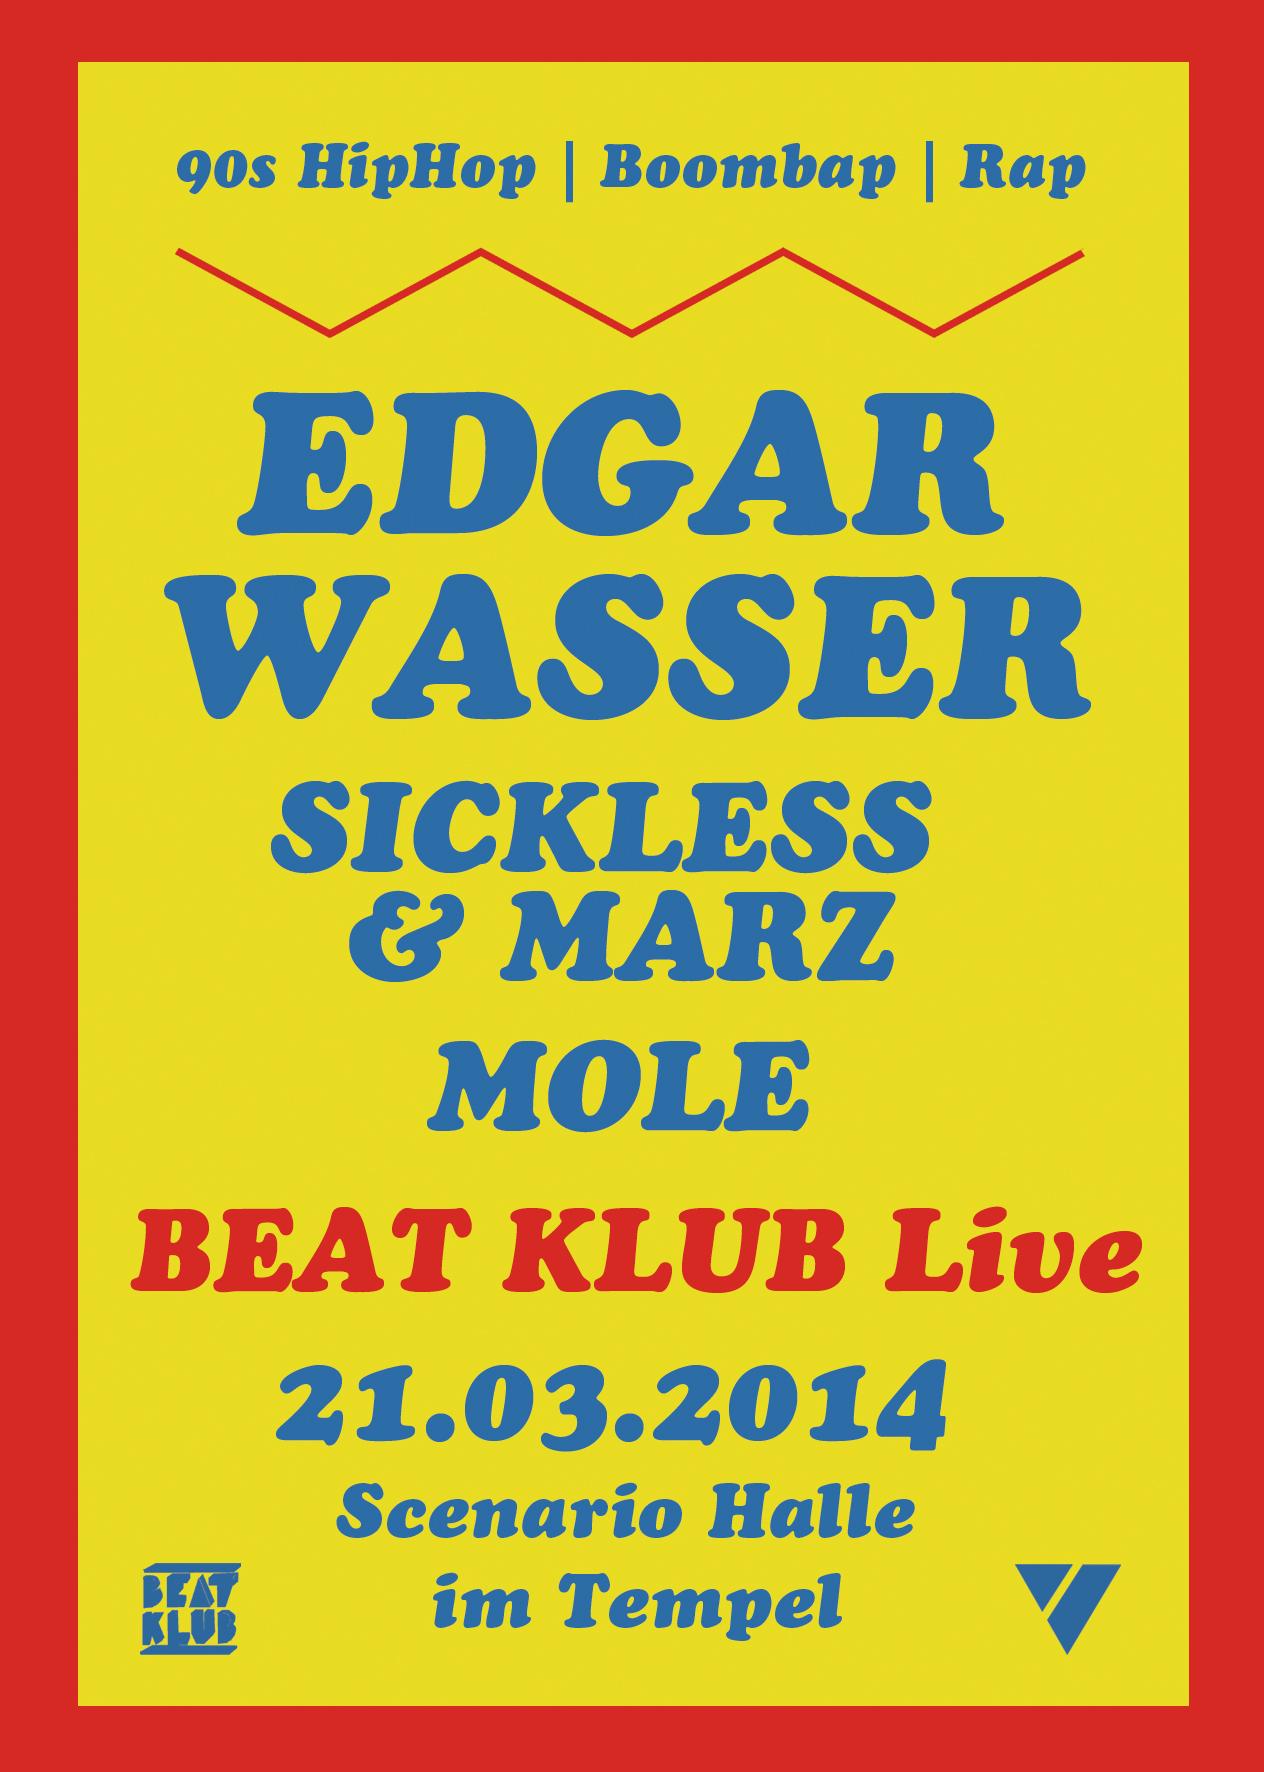 21.03.2014 | BEAT KLUB Live mit EDGAR WASSER